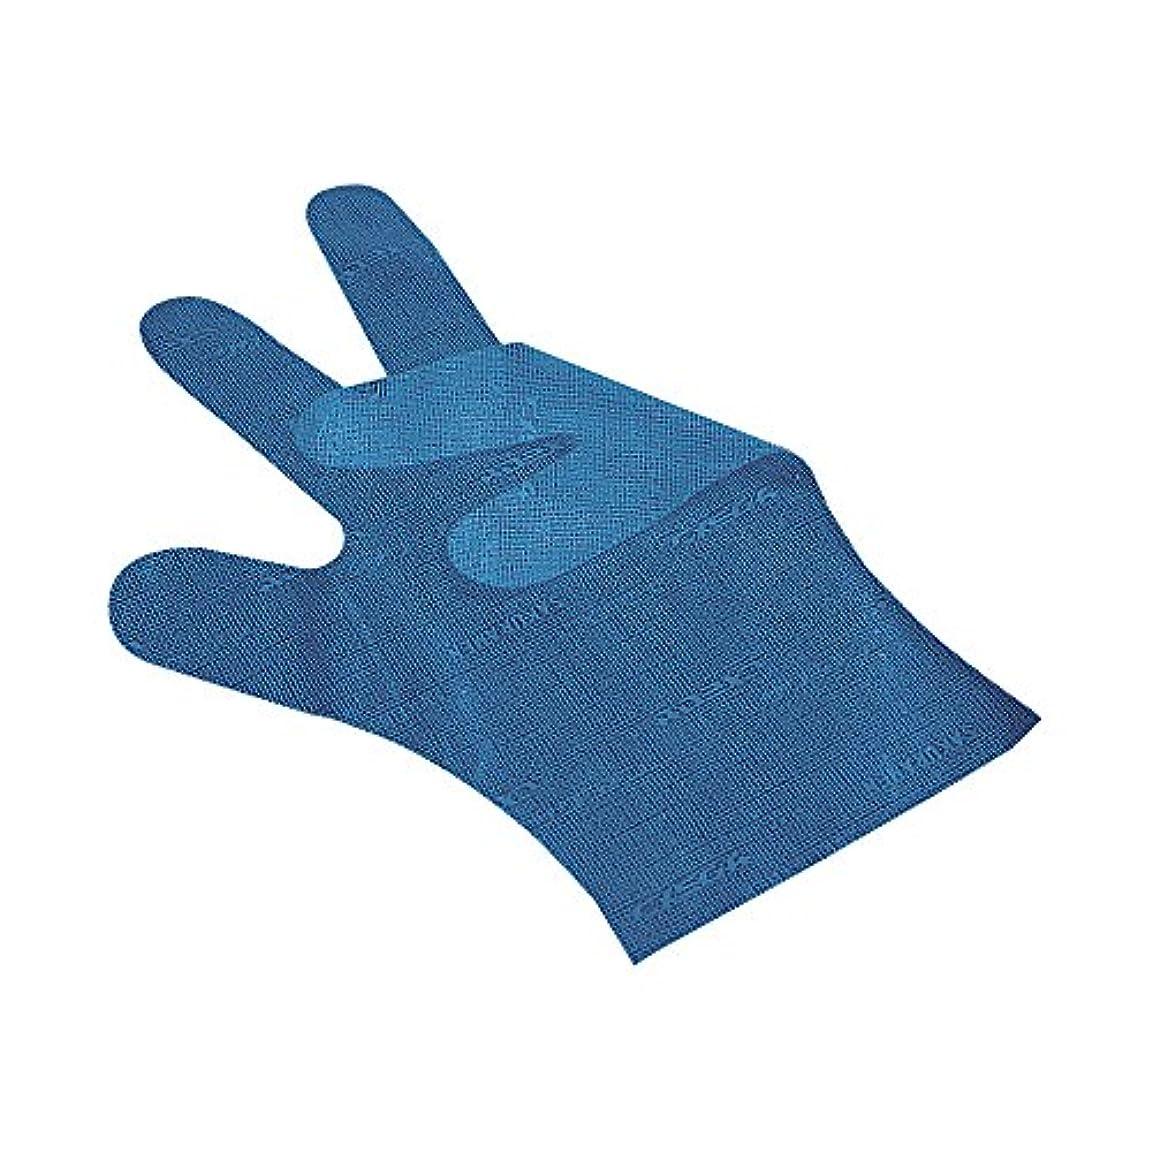 すべて島作曲するサクラメンエンボス手袋 デラックス ブルー L 100枚入